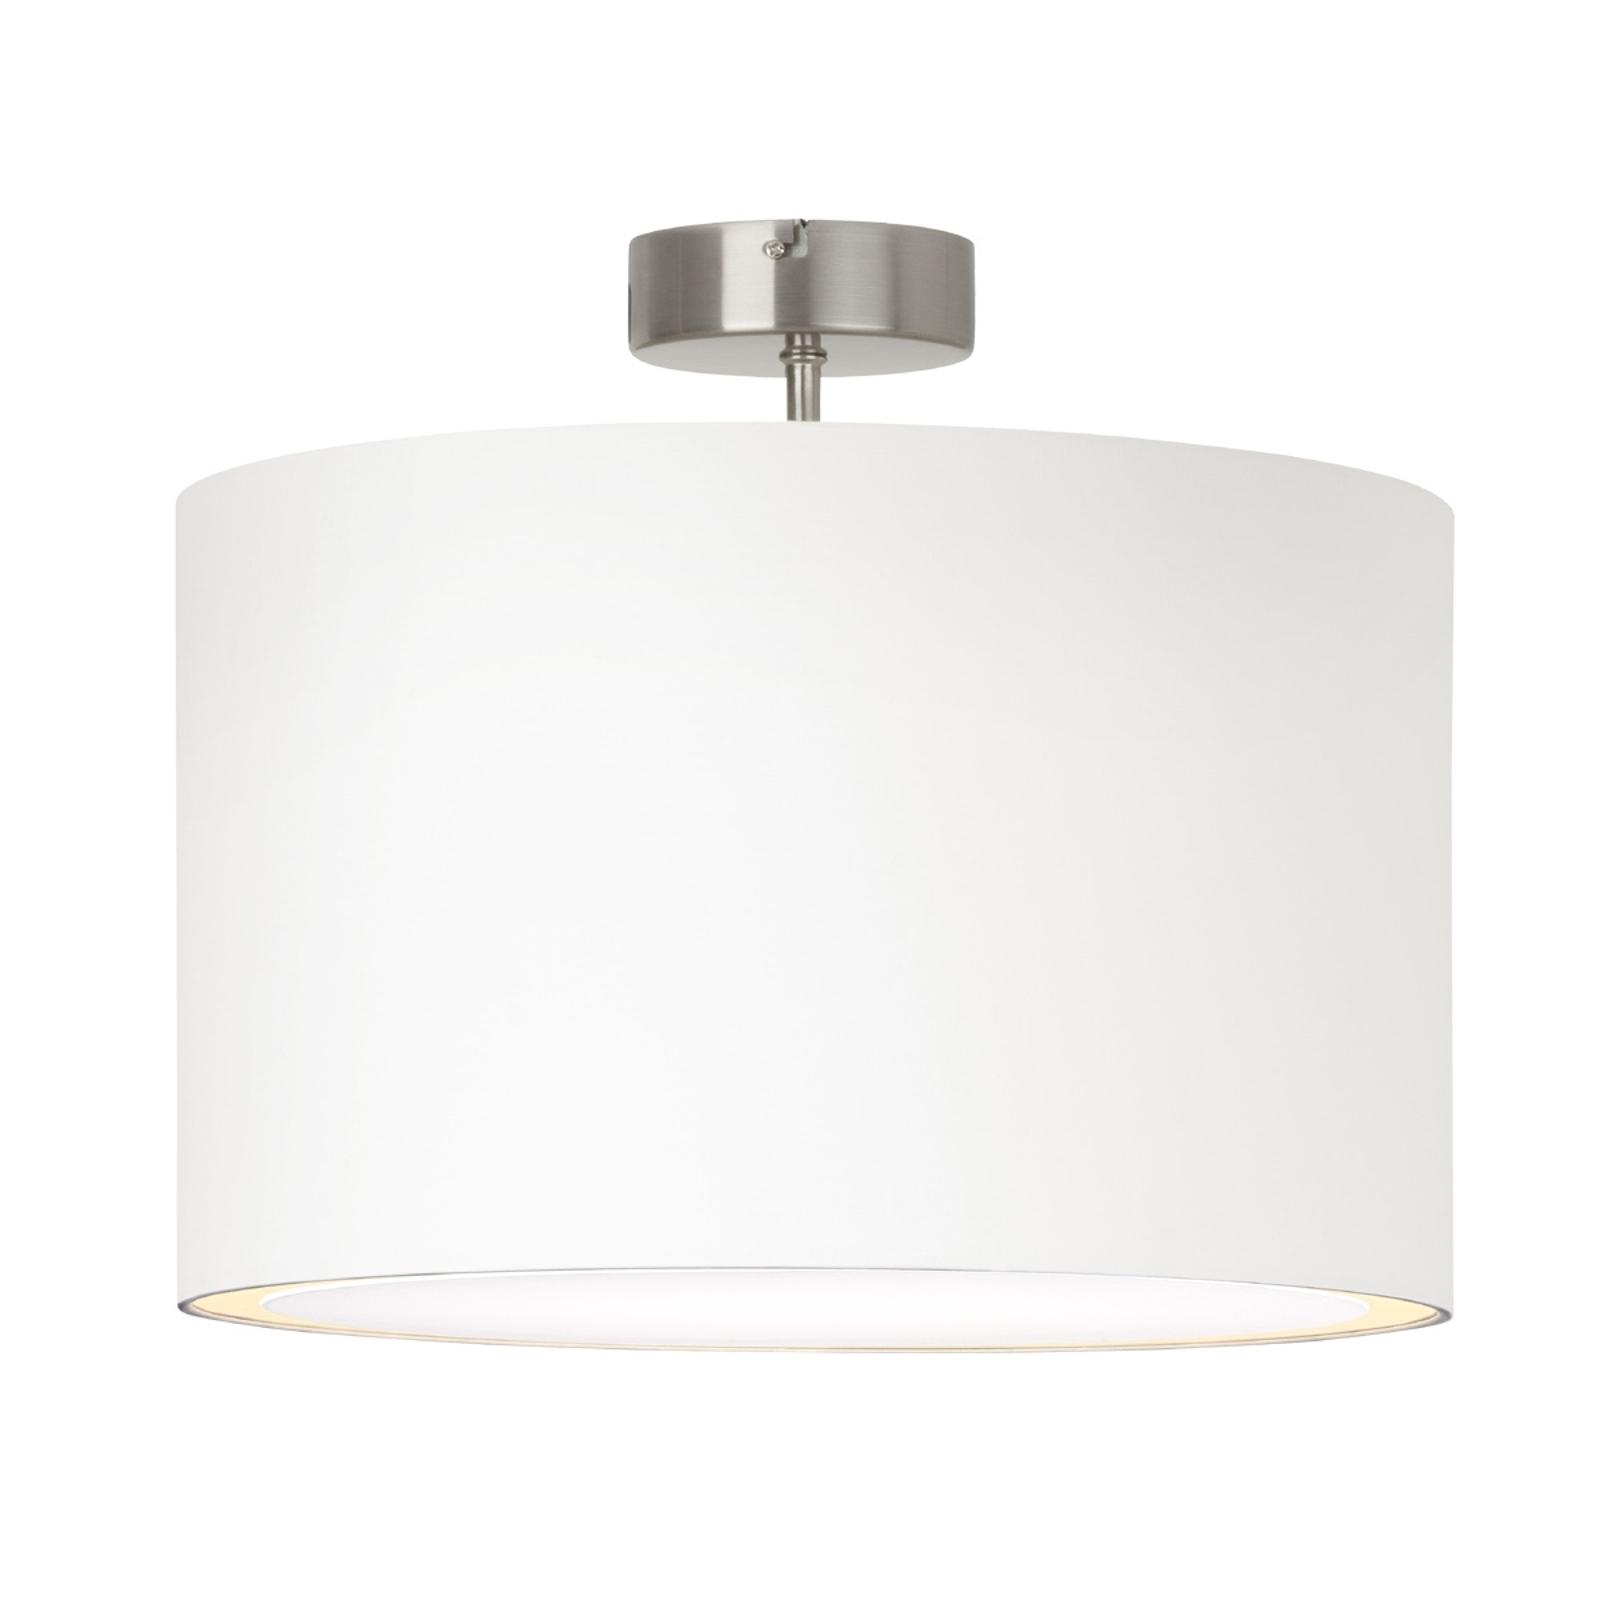 Sencilla lámpara de techo Clarie, blanco